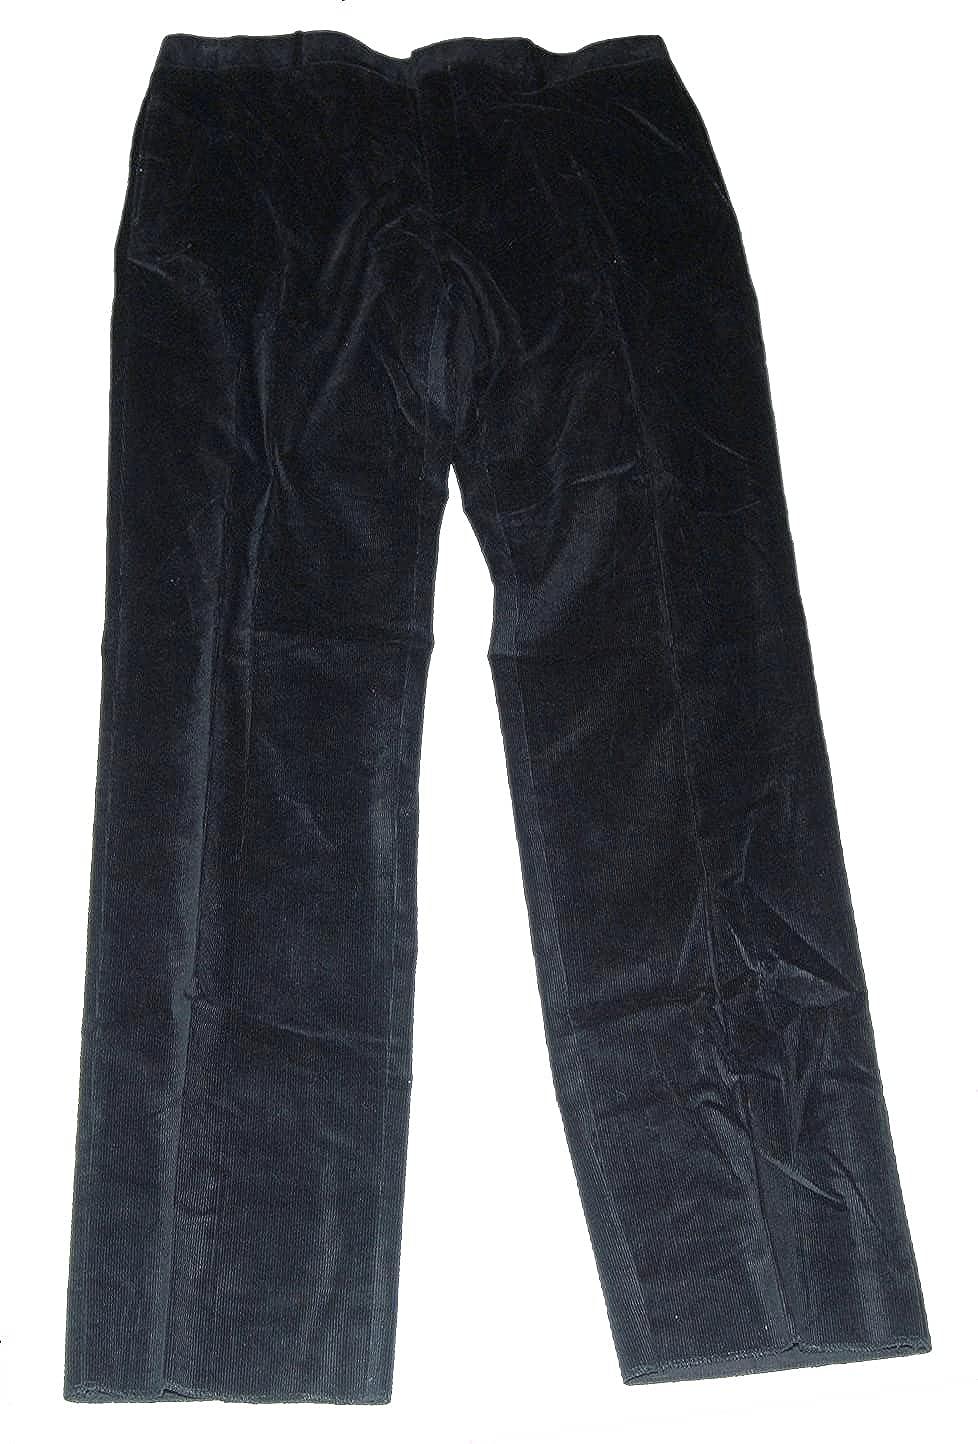 Ralph Lauren Polo Mens Flat Front Corduroy Cotton Black Dress Pants Italy 32R $395